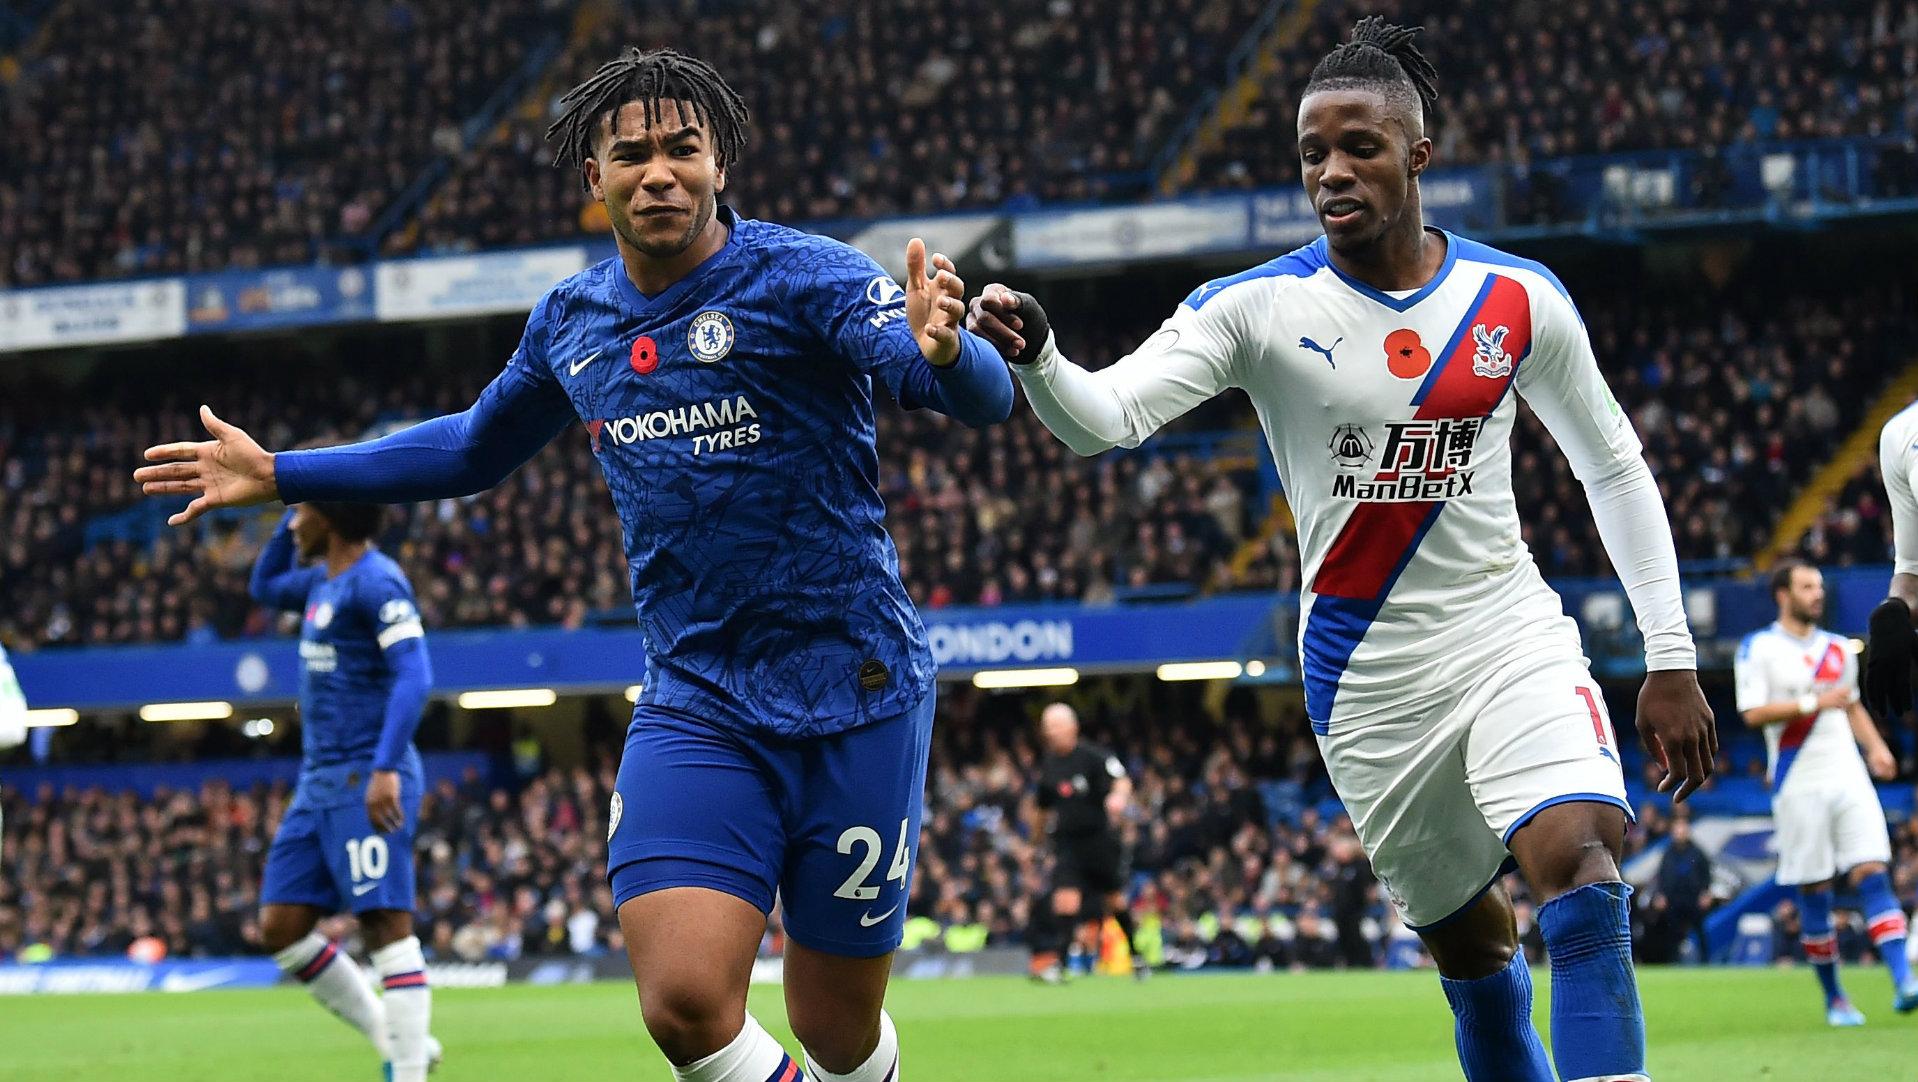 Nhận định Chelsea vs Crystal Palace, 21h00 ngày 14/08: Bắt nạt kẻ yếu 3